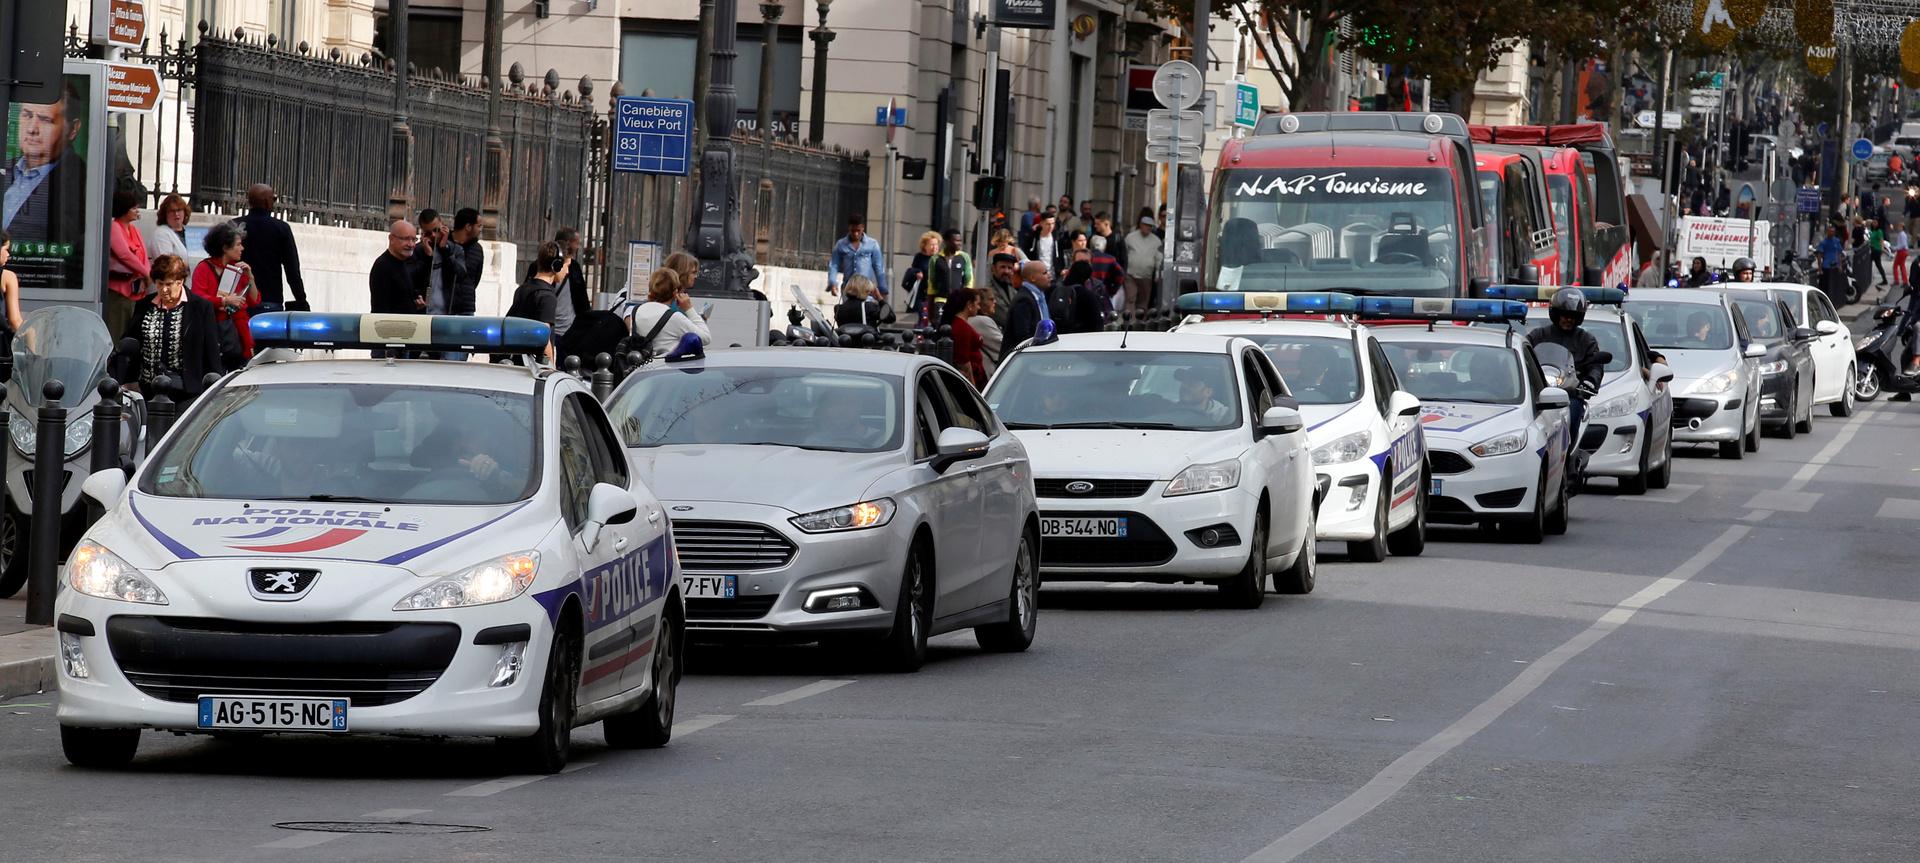 جريمة قتل بطعنة خنجر ضحيتها مراهق في الـ 16 من العمر تهز جنوب فرنسا